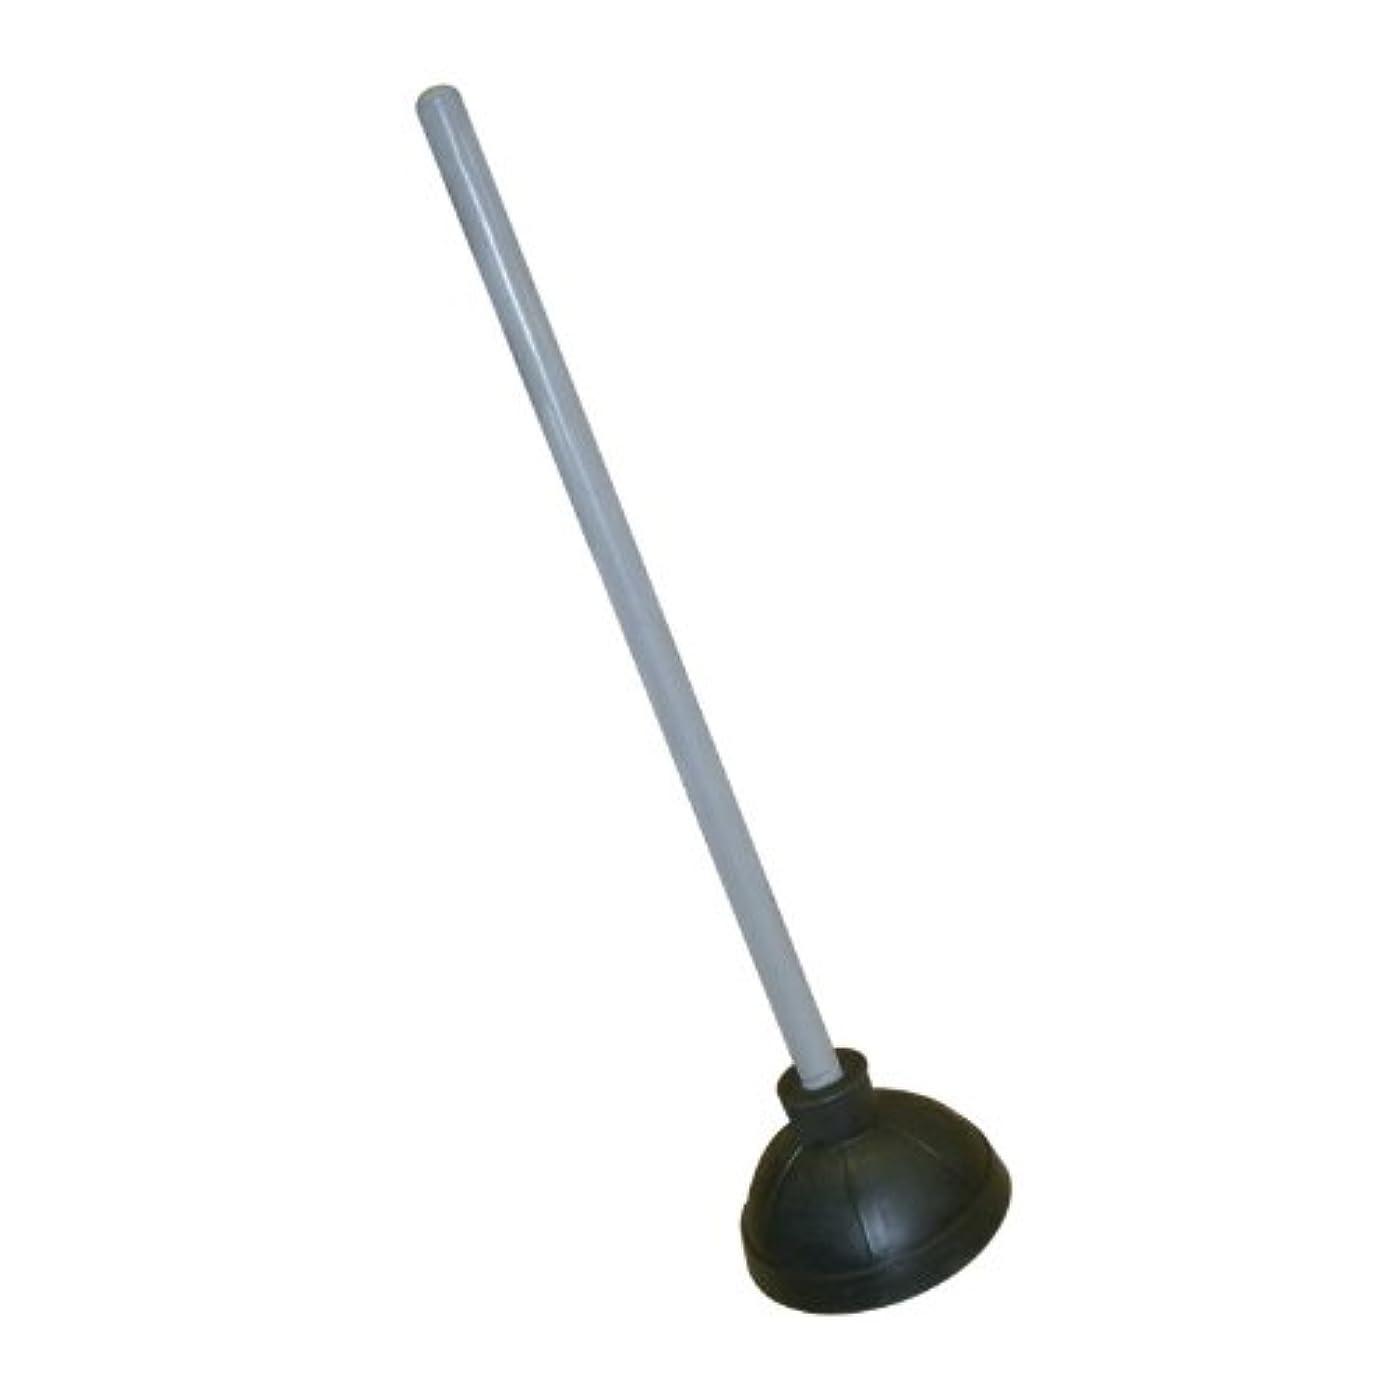 春通知する摂氏Excellante Plastic Plunger with 21-Inch Long Wooden Handle, Black by Excellant